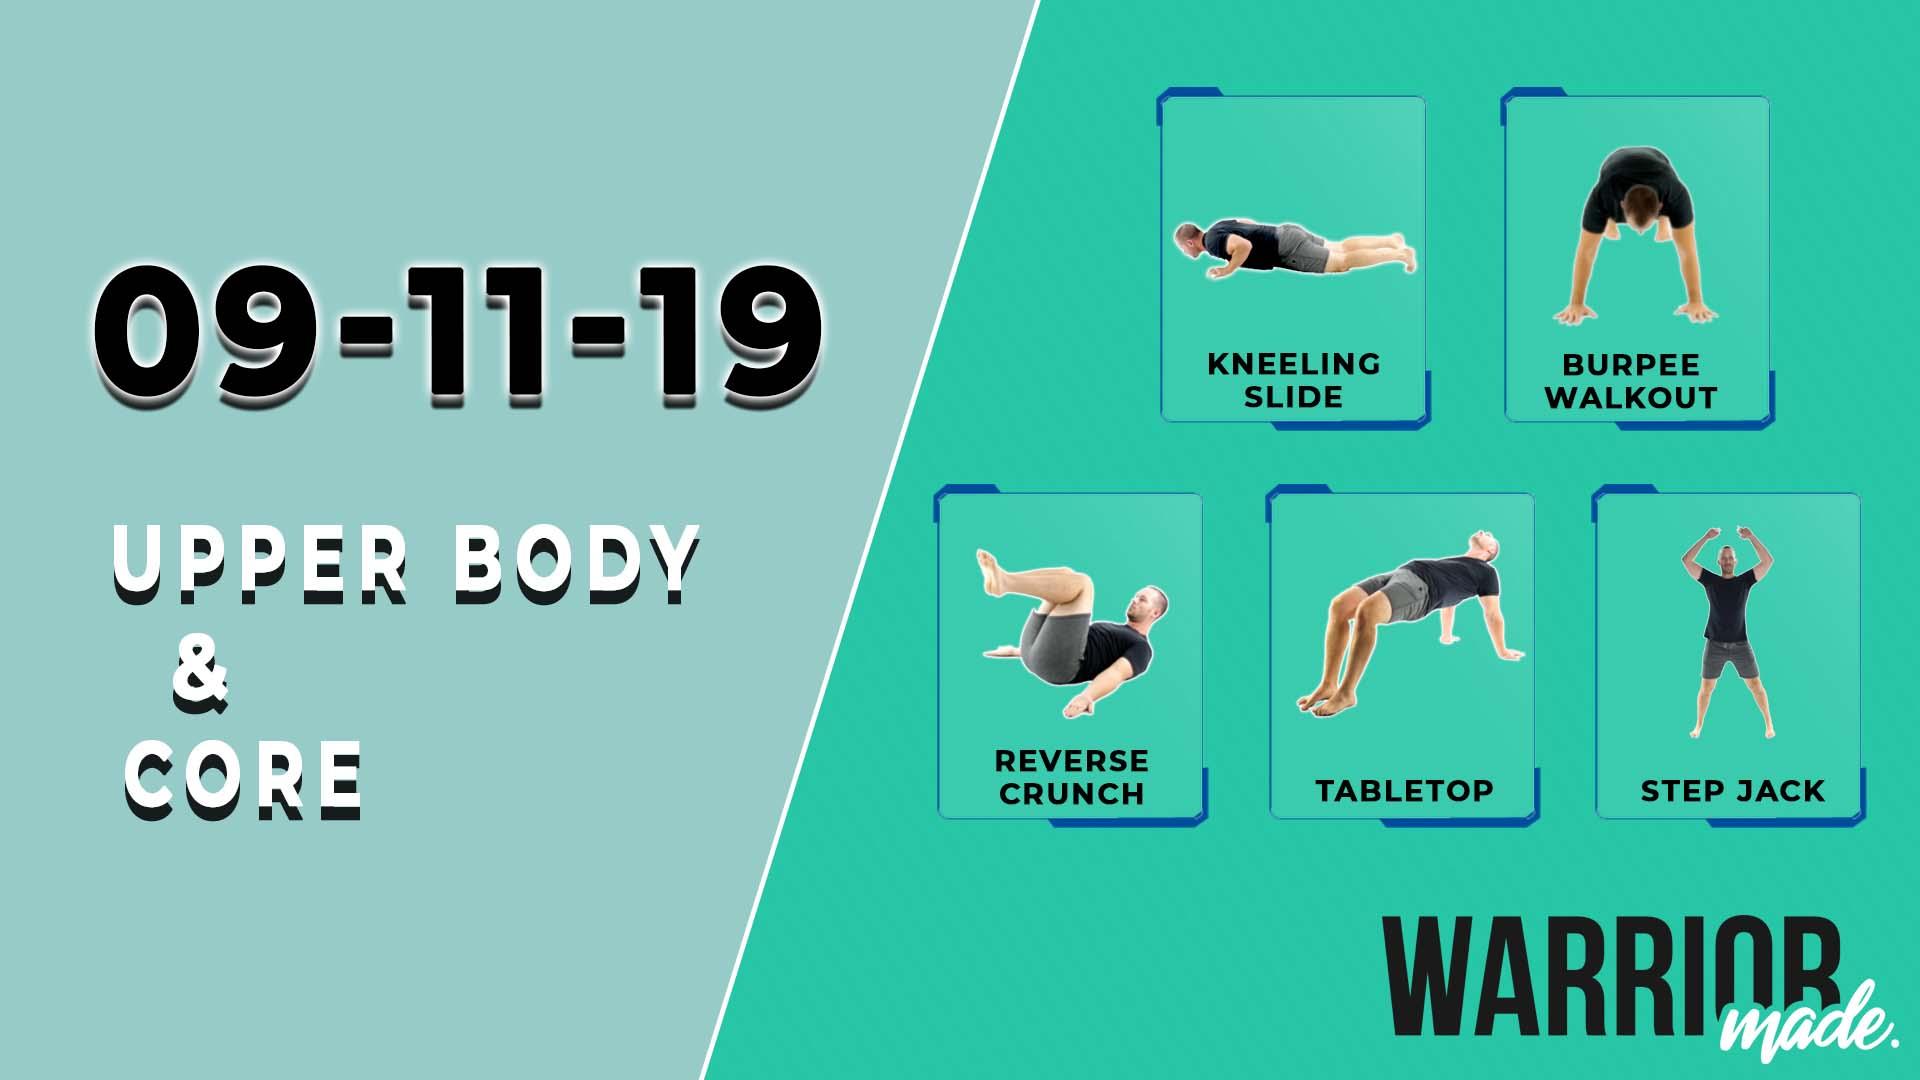 workouts-09-11-19